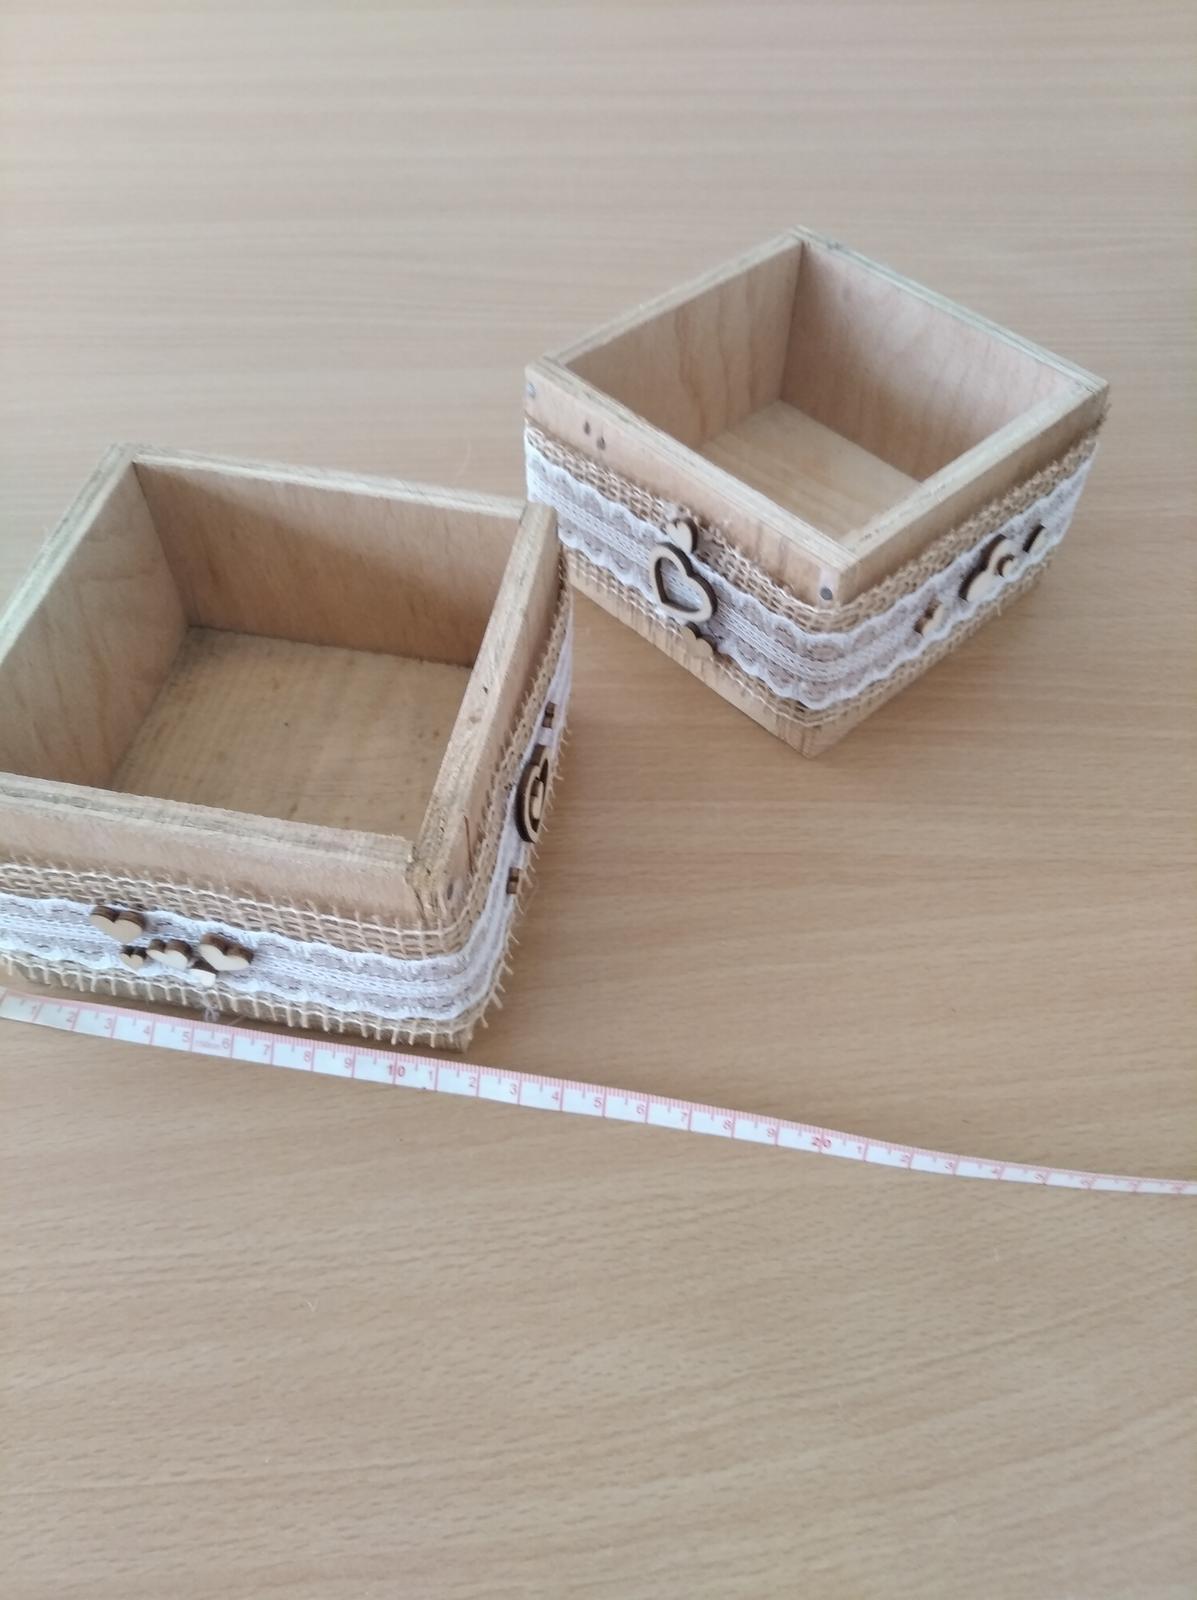 krabičky dřevěné dekorativní - Obrázek č. 1